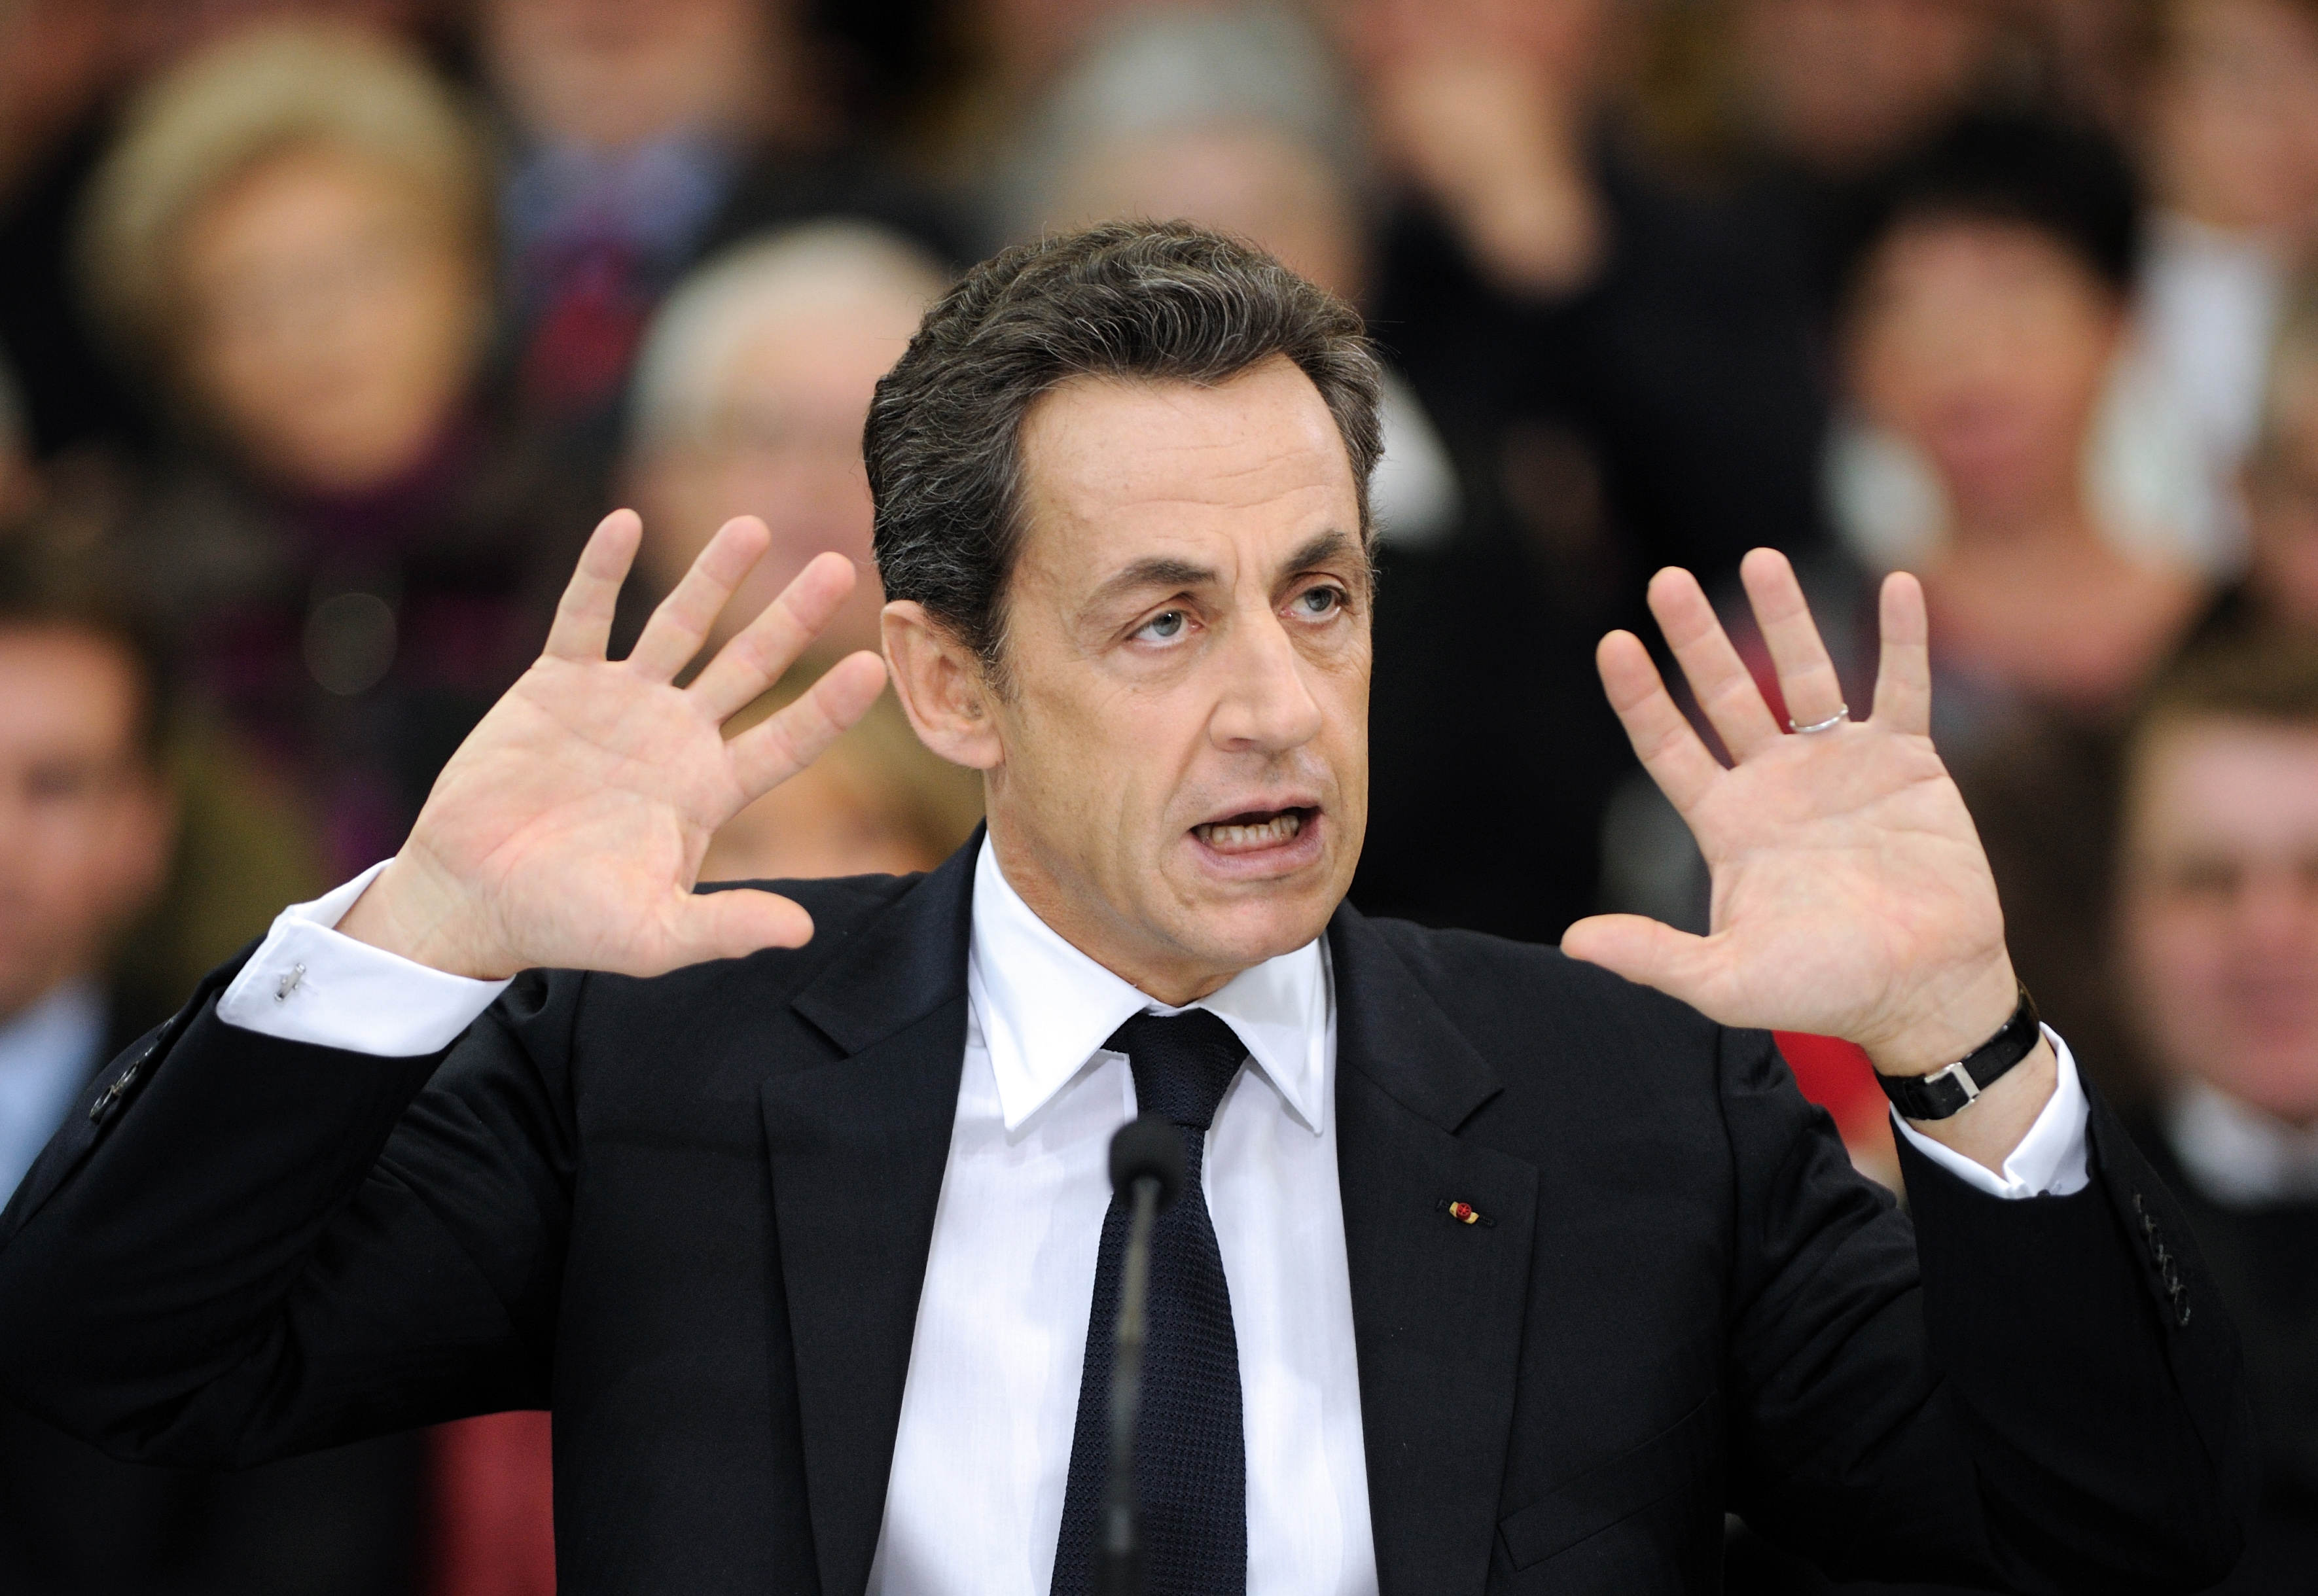 مرشحو اليمين الفرنسي ركزوا هجماتهم على ساركوزي في مناظرتهم الثانية